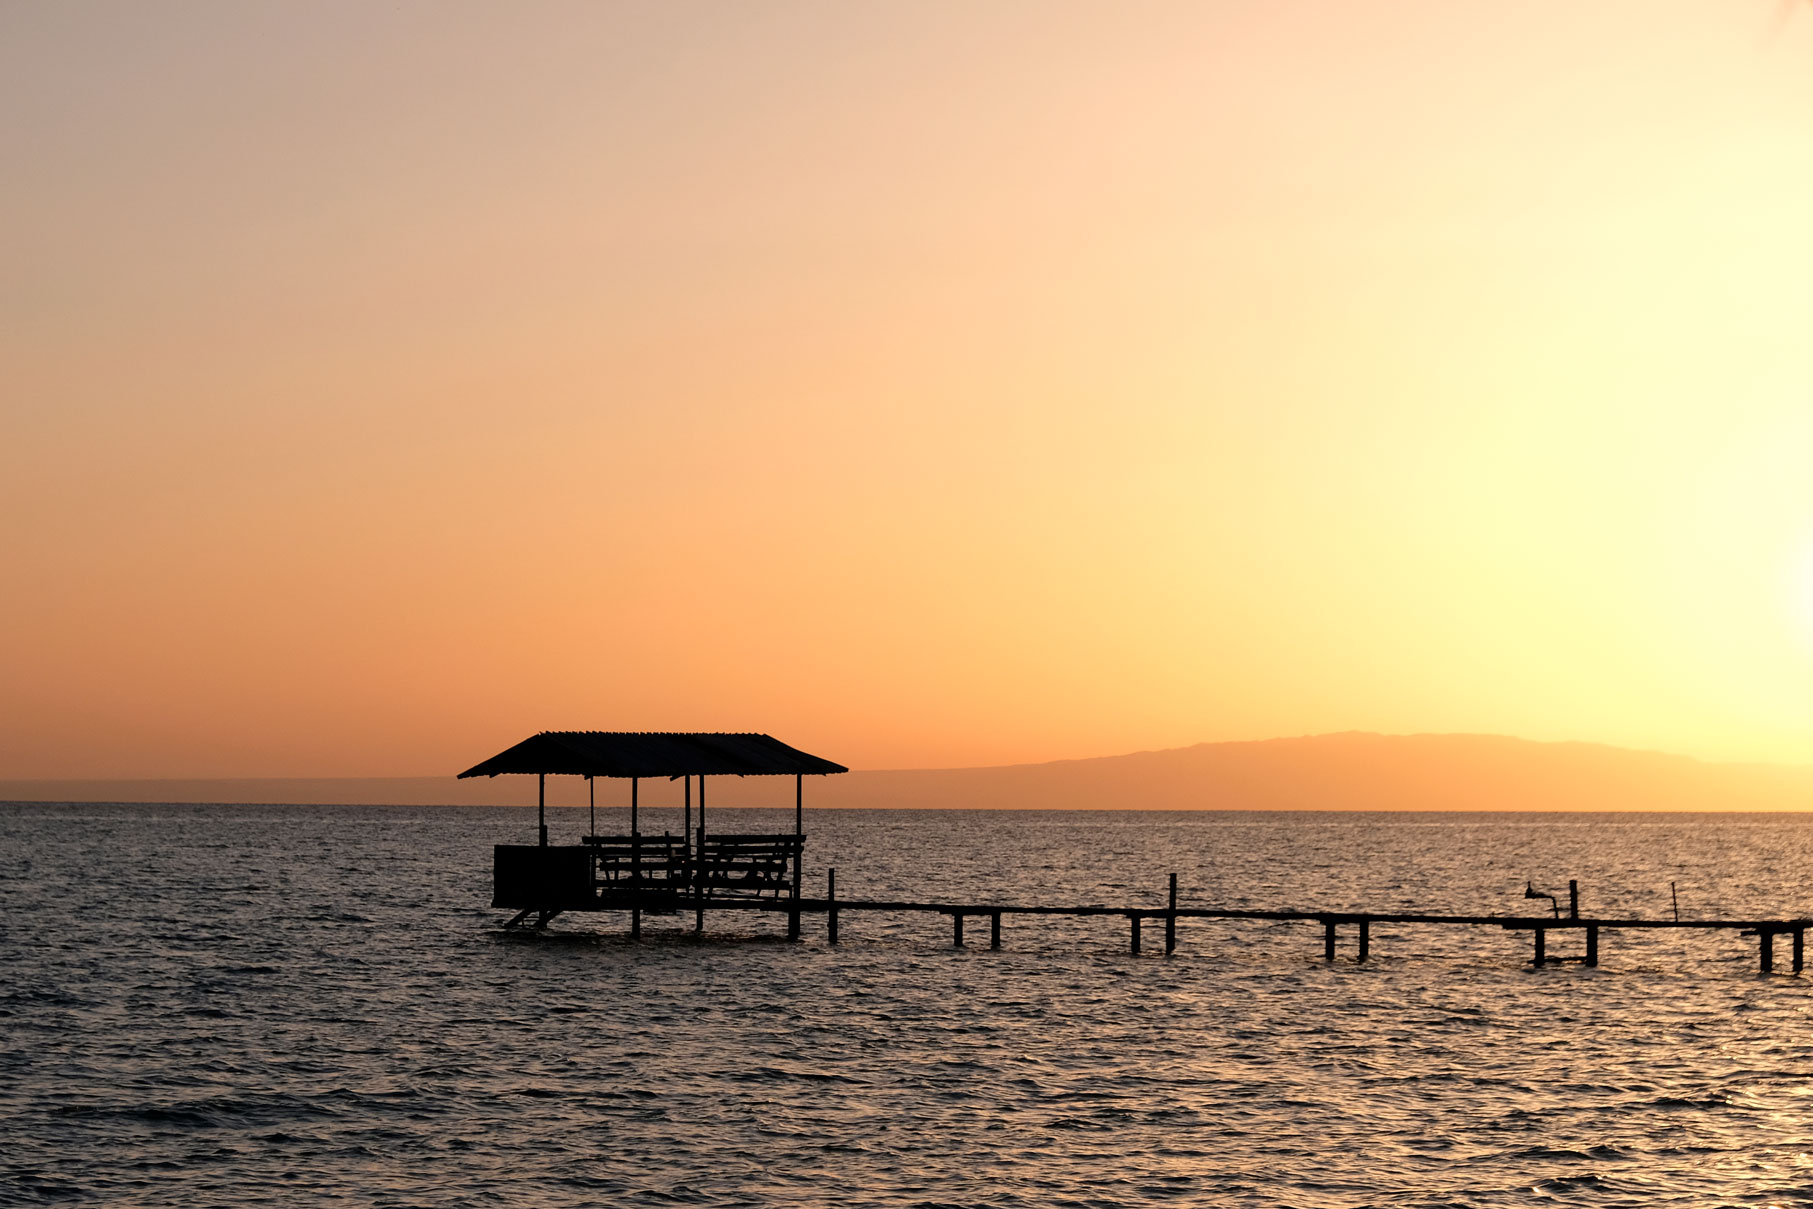 Der Tudakul-See gefällt uns so gut, dass wir gleich über Nacht bleiben